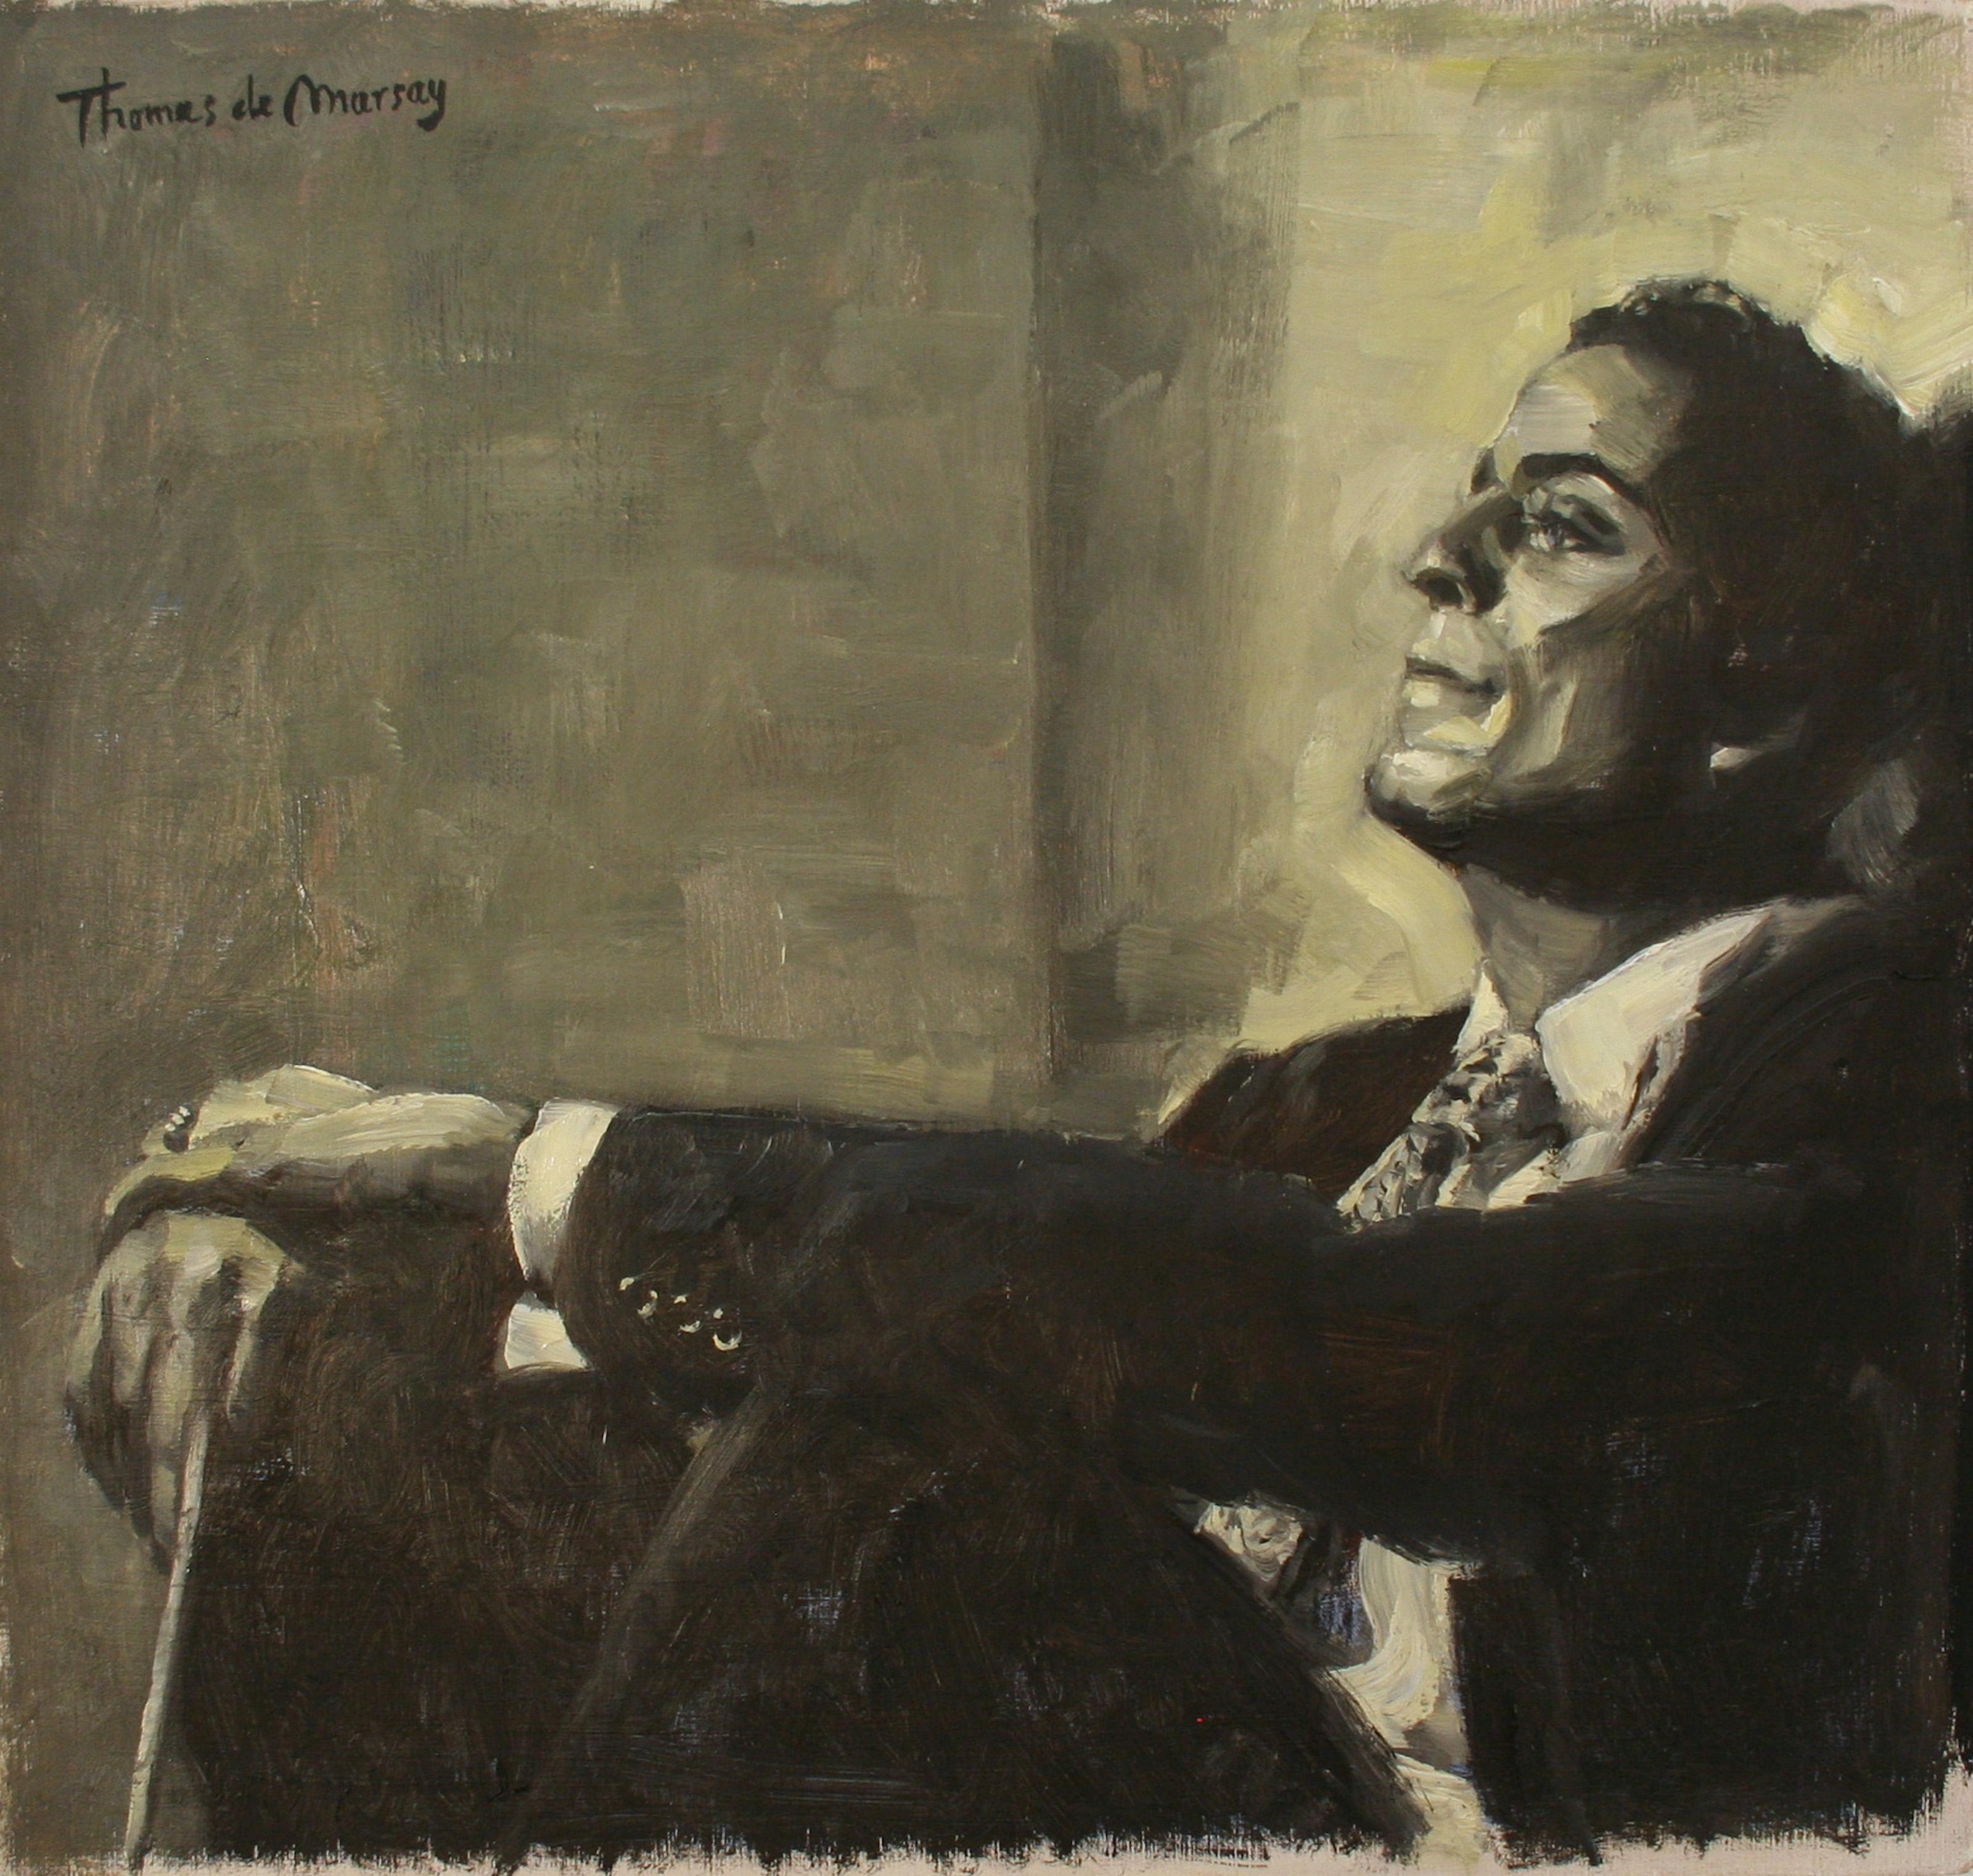 Tony Bennett. (SOLD)